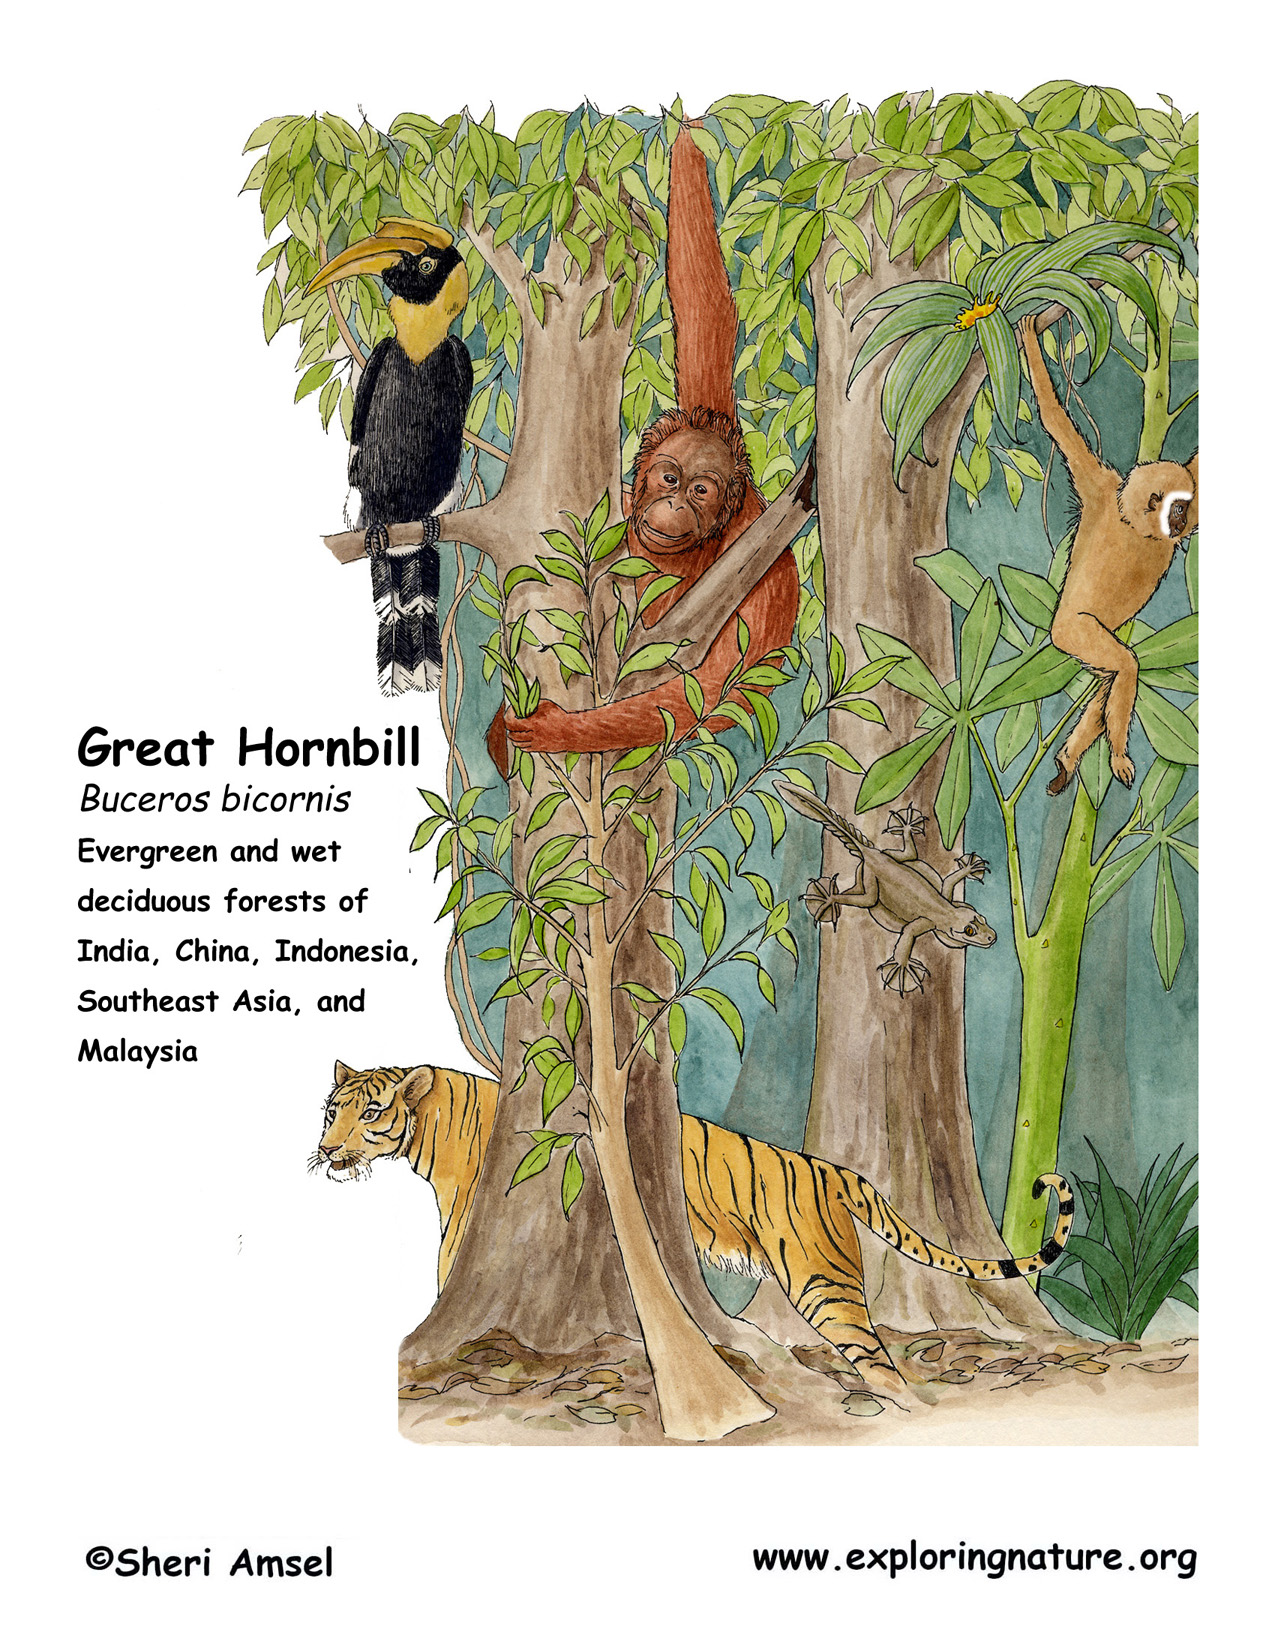 Hornbill (Great)